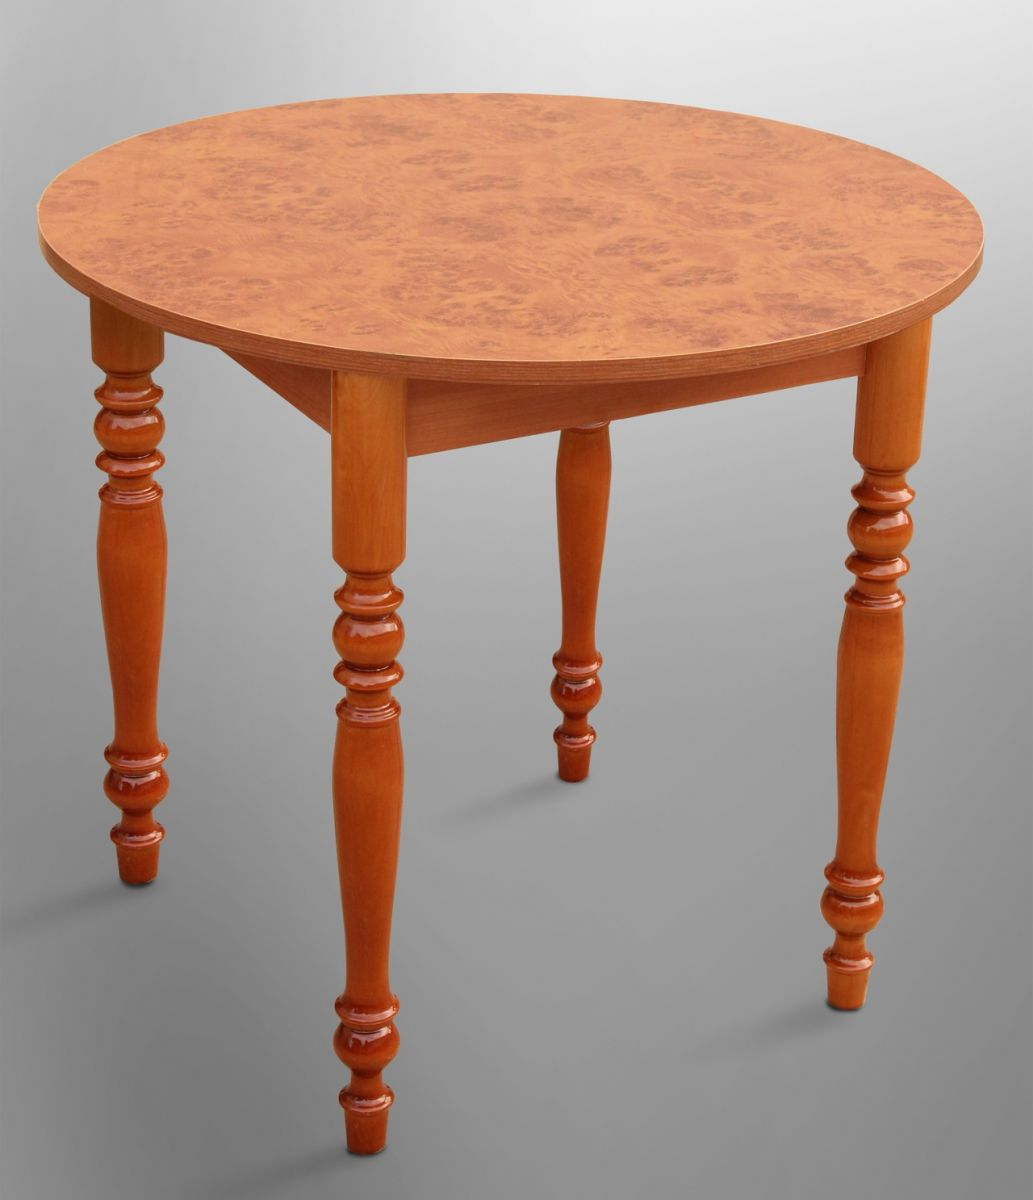 Стол обеденный круглый 800*800 ножки резные